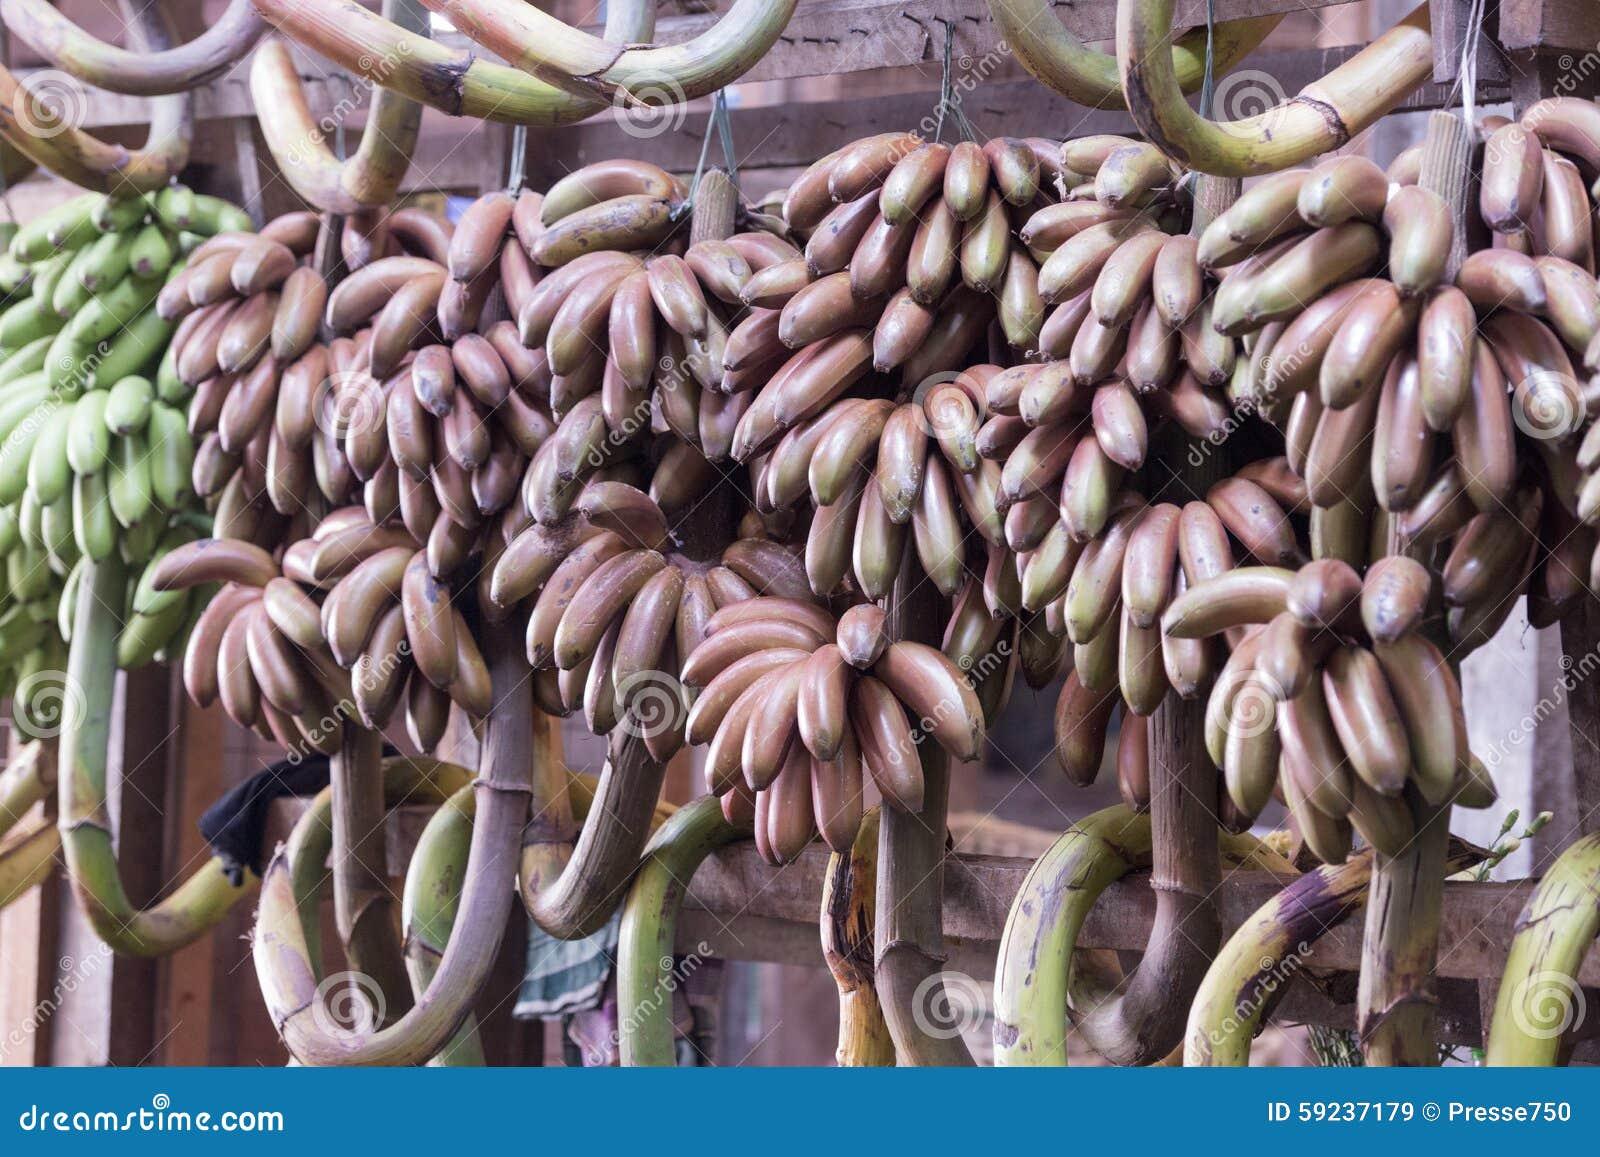 Download PLÁTANO DE LA FRUTA DE LA COMIDA DEL MERCADO DE ASIA MYANMAR RANGÚN Imagen de archivo - Imagen de plátano, yangon: 59237179